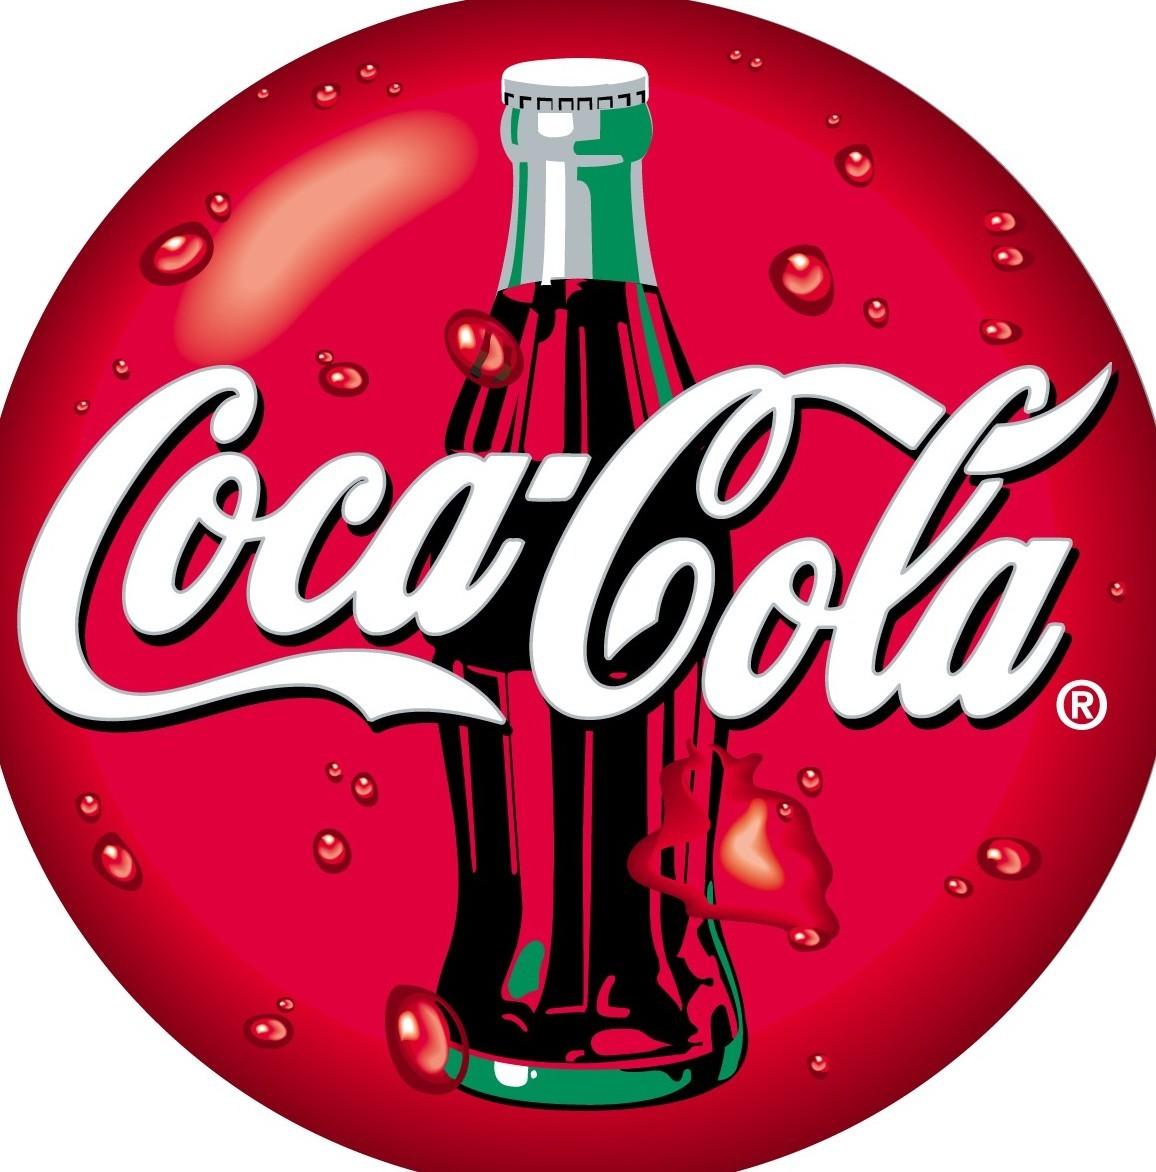 Coca Cola con HIV contaminata: i dettagl